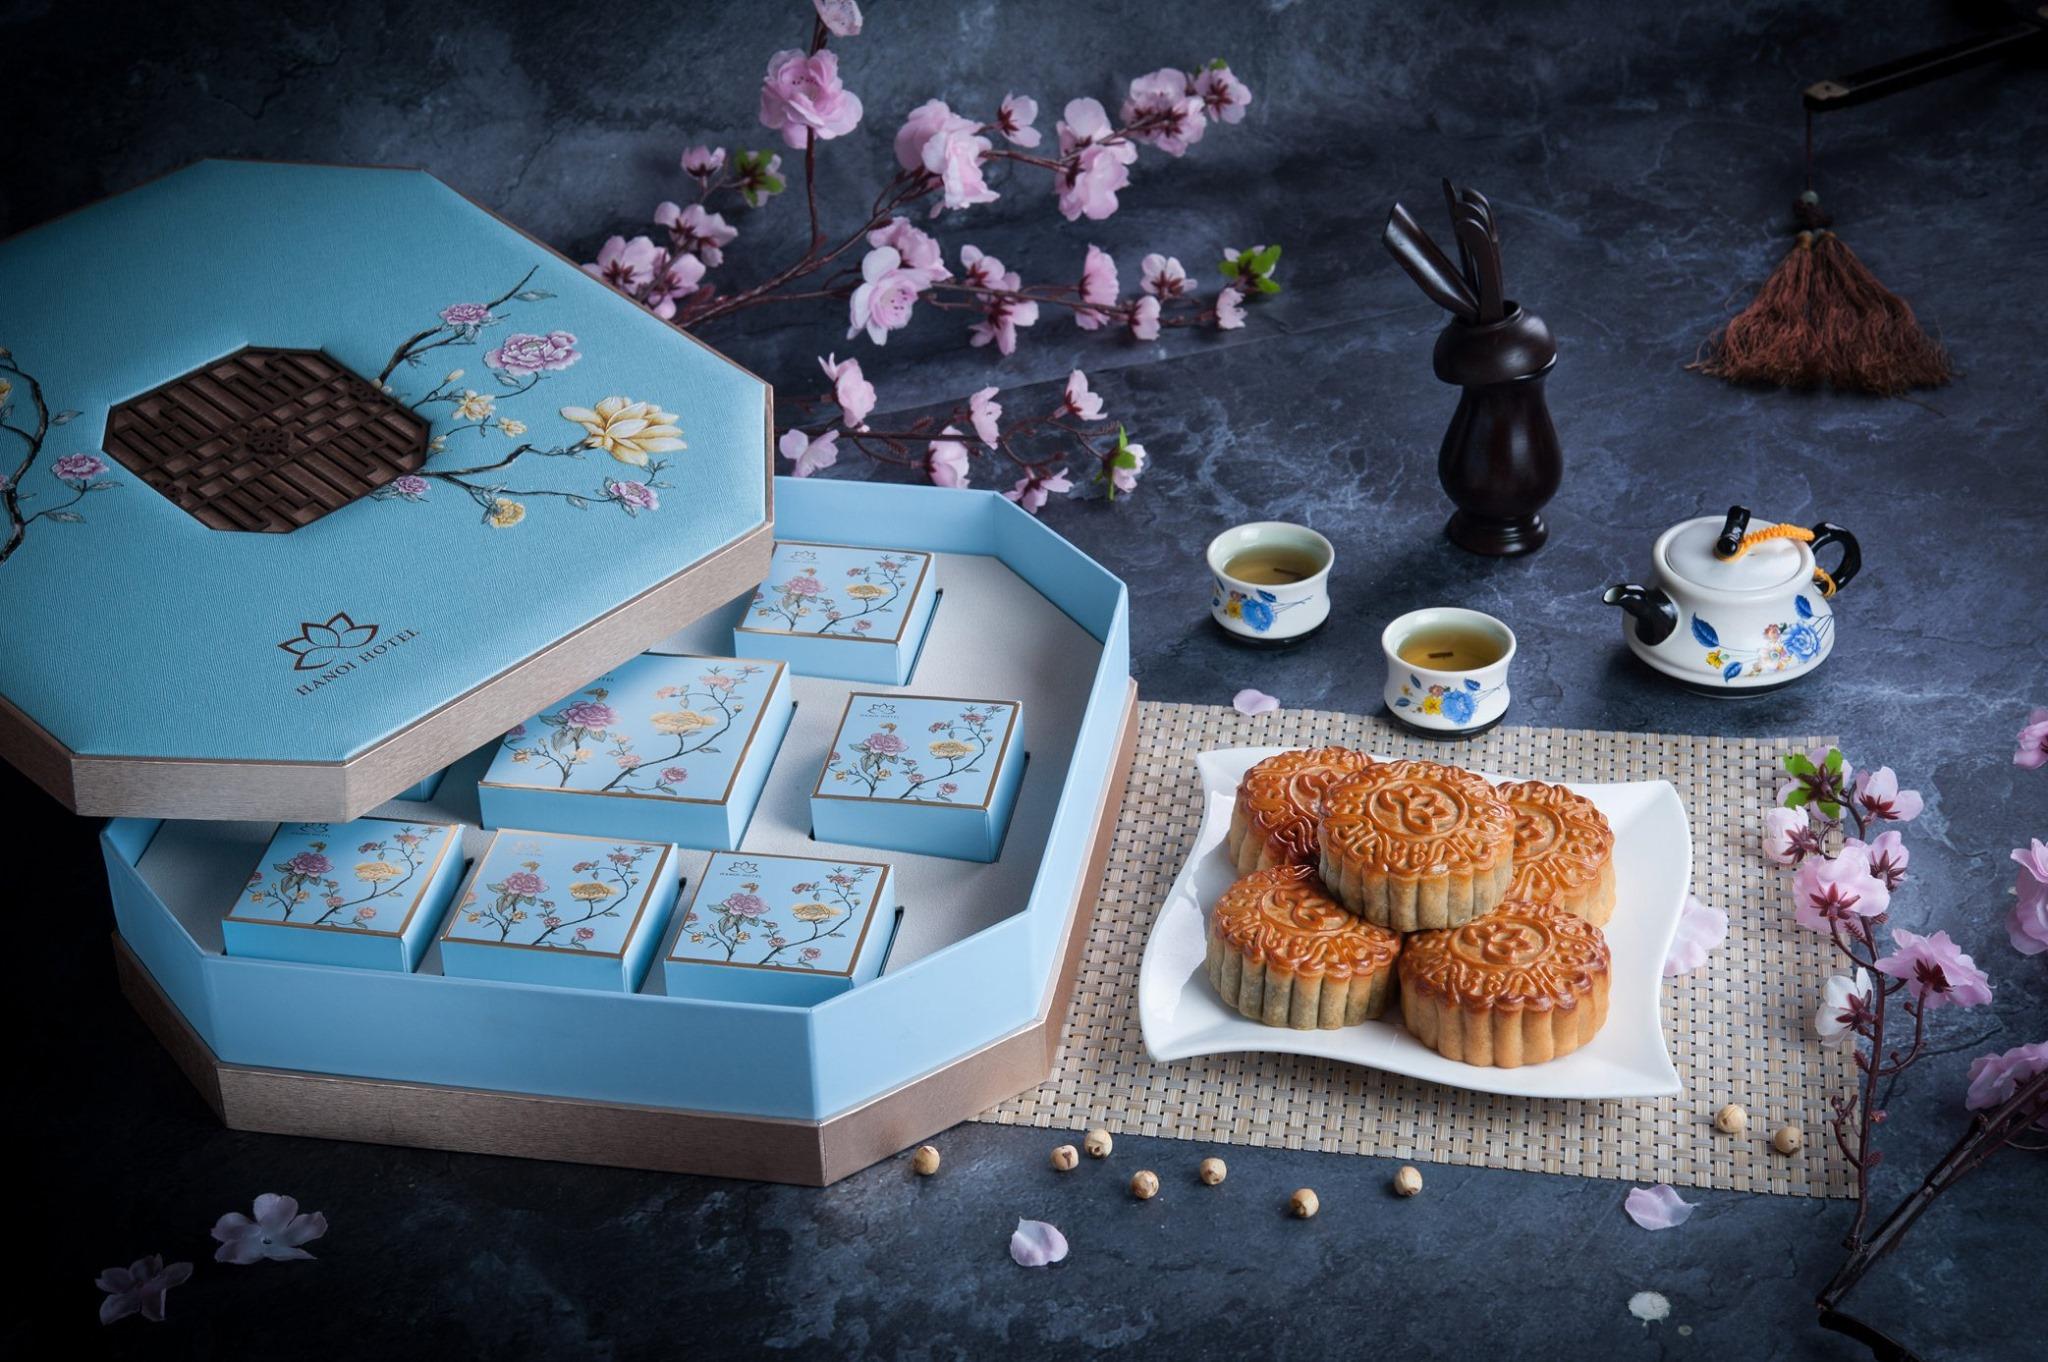 Màu xanh Tiffany duyên dáng của BST bánh Exquisite